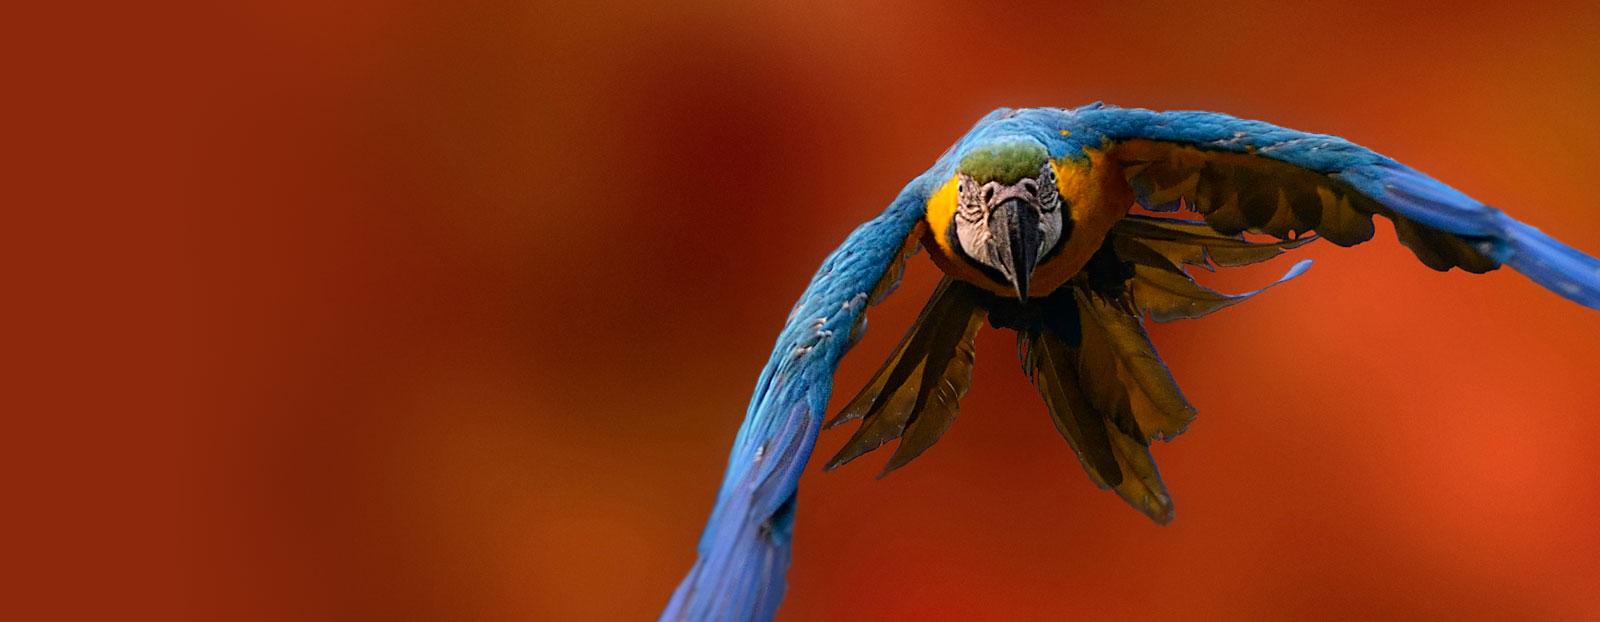 瓜拉纳的自然栖息地